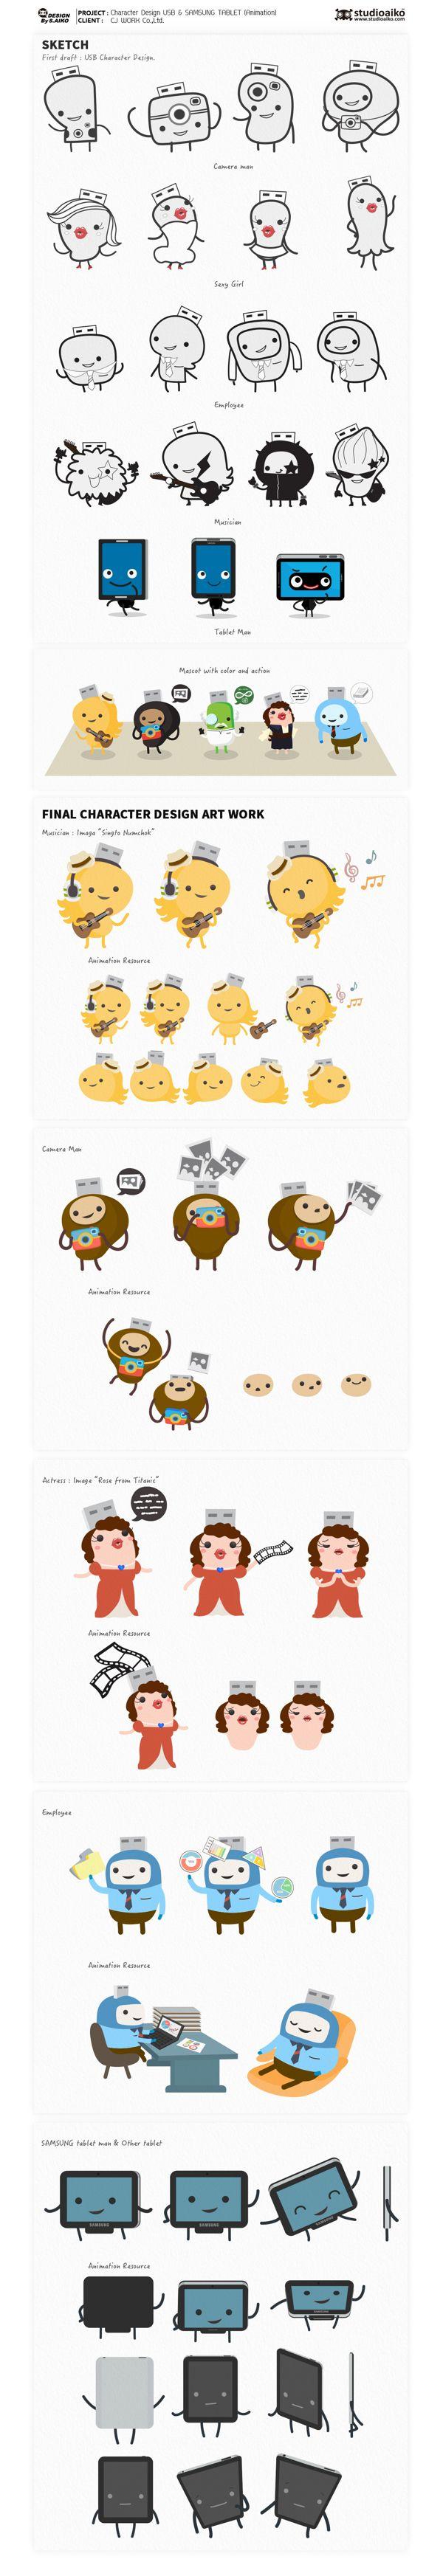 Character Design For Short music video on Behance